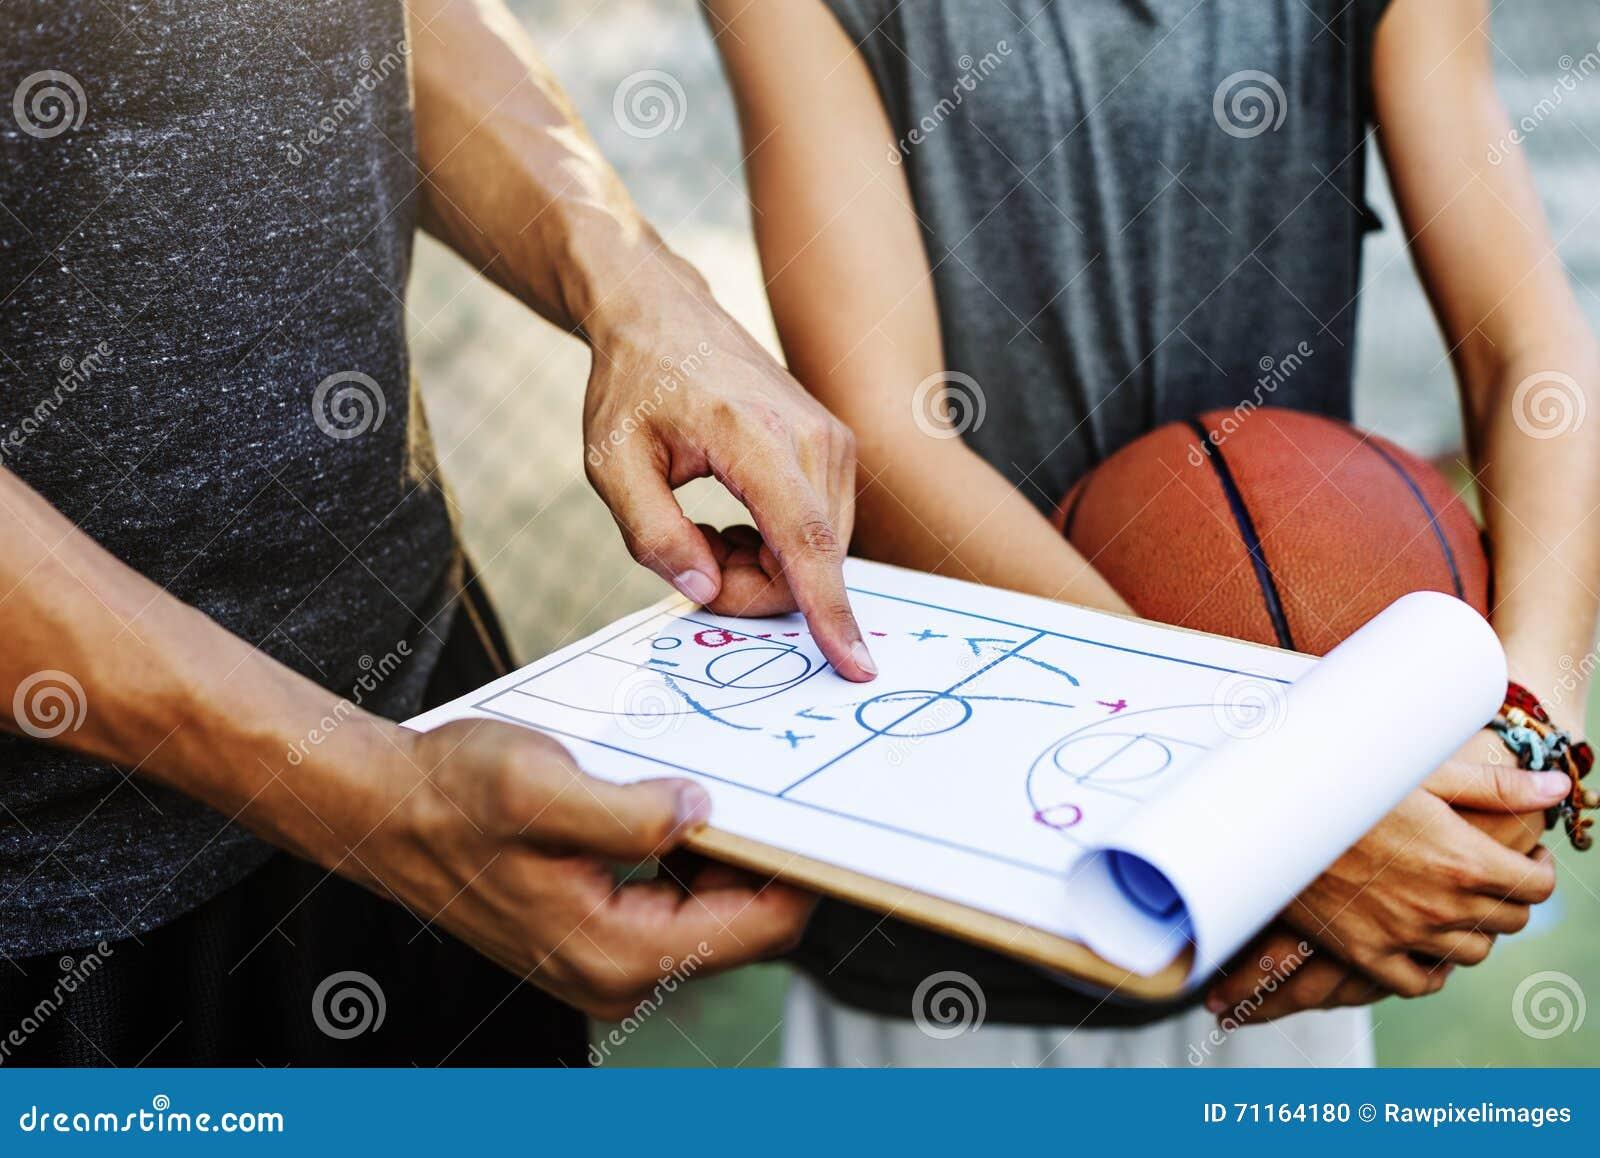 Basketball-Spieler-Sport-Strategien-Taktik-Konzept